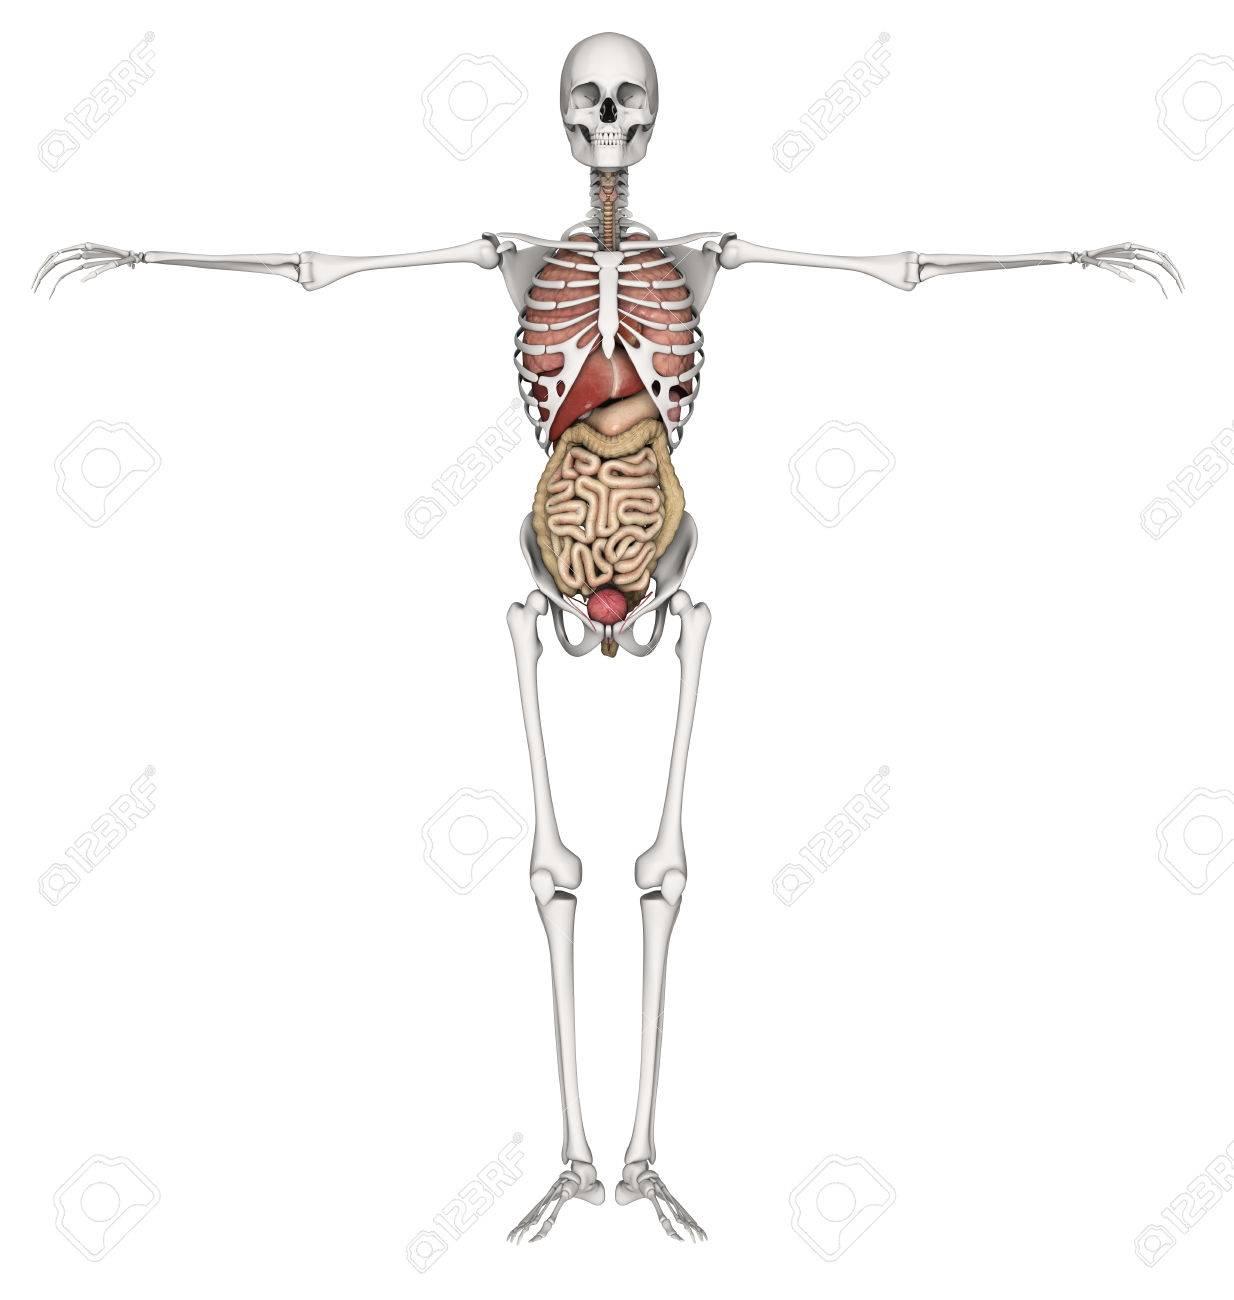 Berühmt Fotos Der Inneren Organe Zeitgenössisch - Anatomie Ideen ...